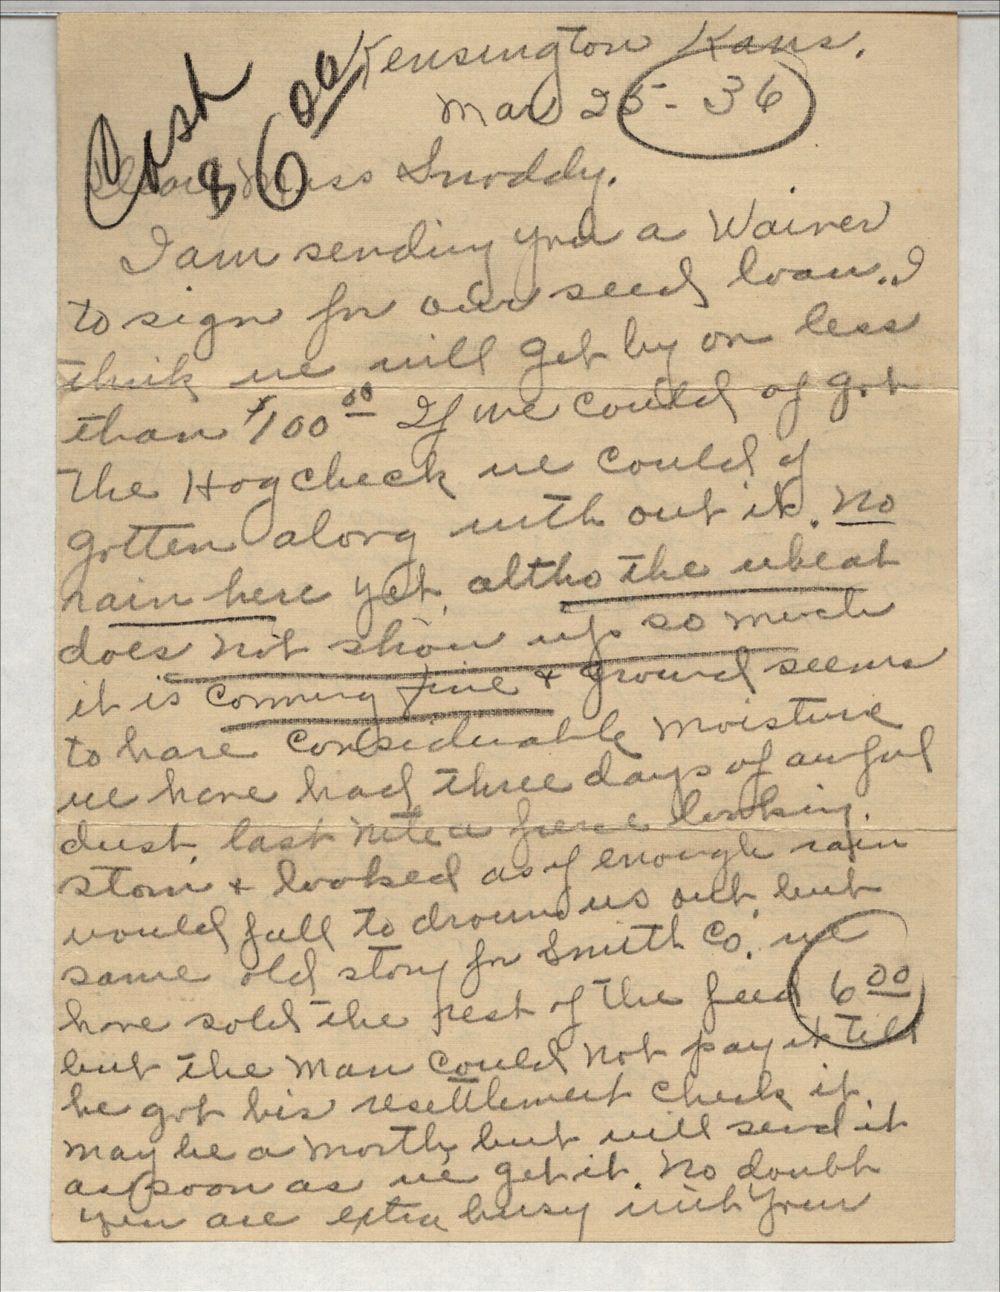 Edna Heim to Clarice Snoddy - 1